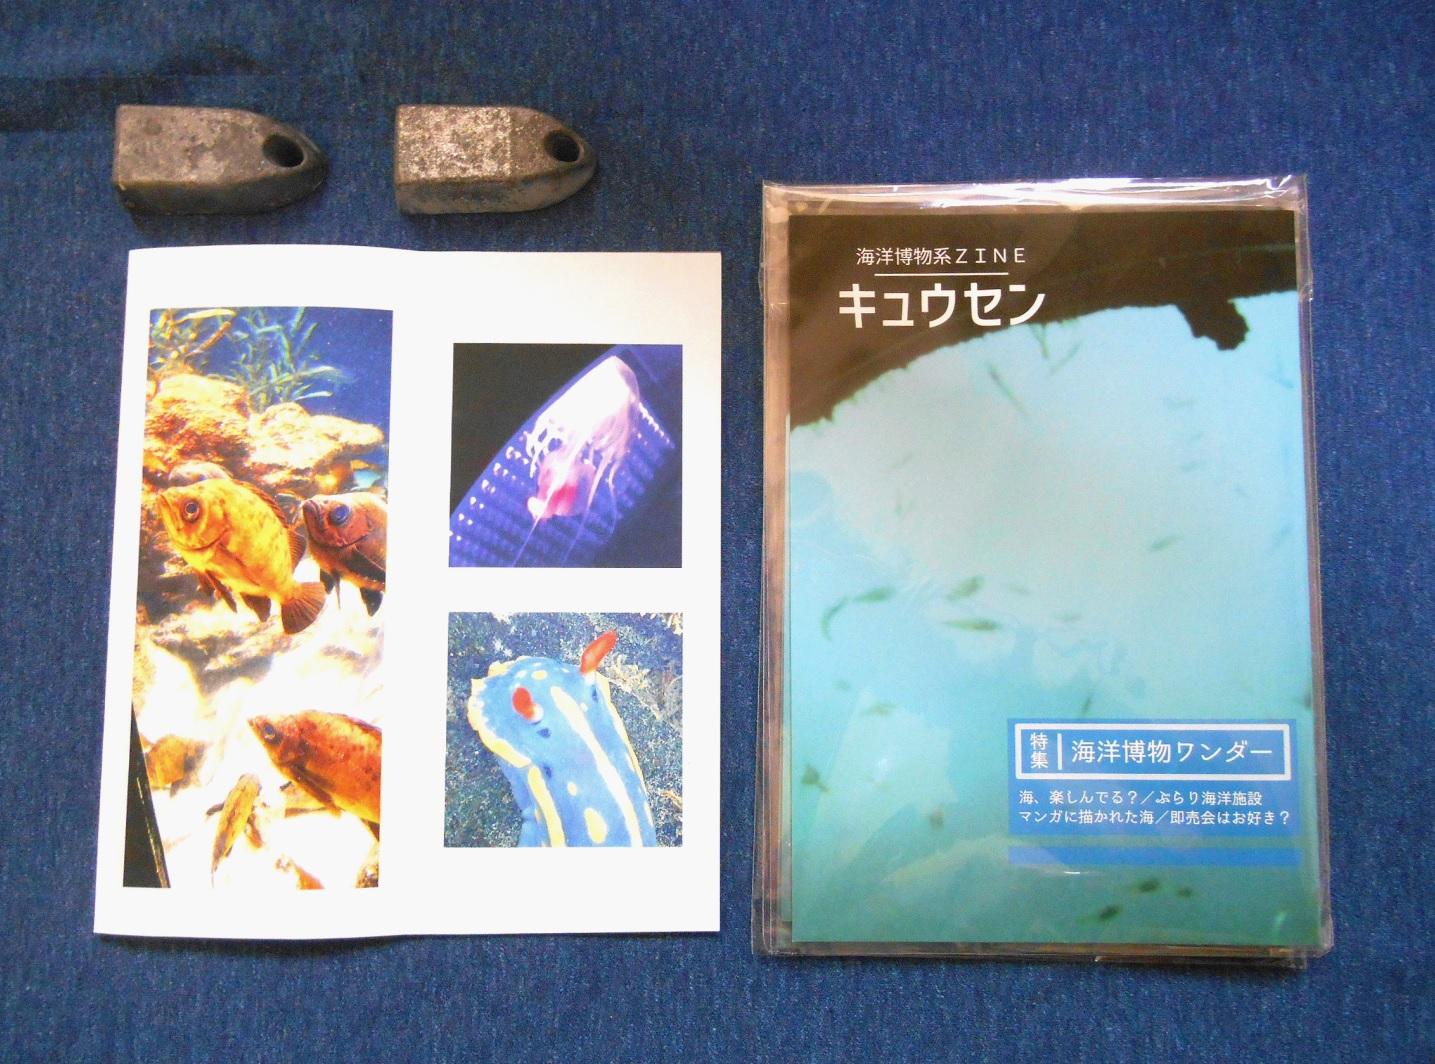 2016_海洋博物系ZINE キュウセン_02